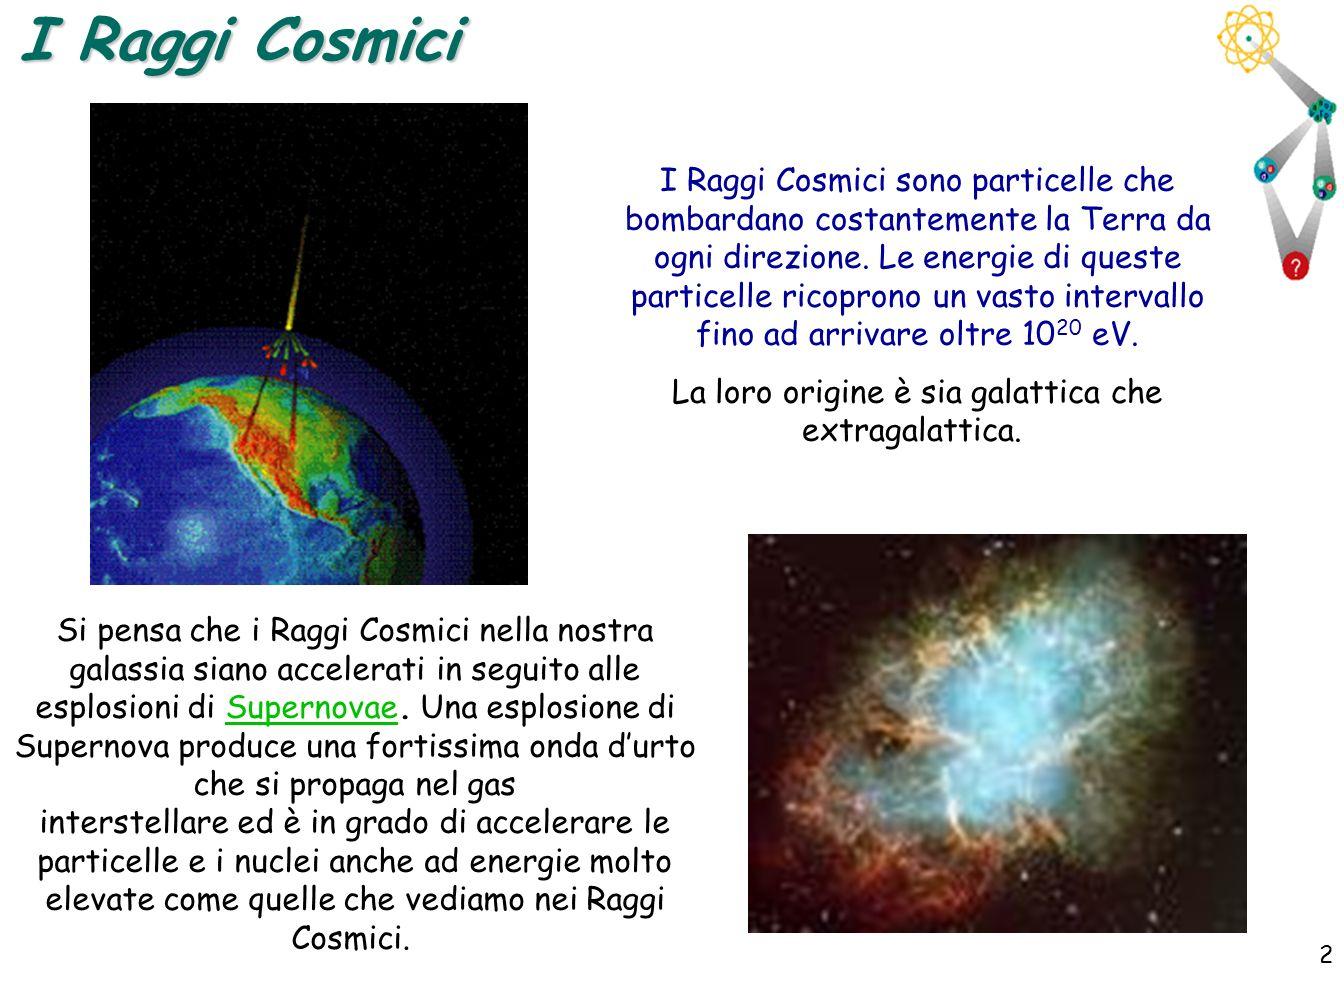 La loro origine è sia galattica che extragalattica.